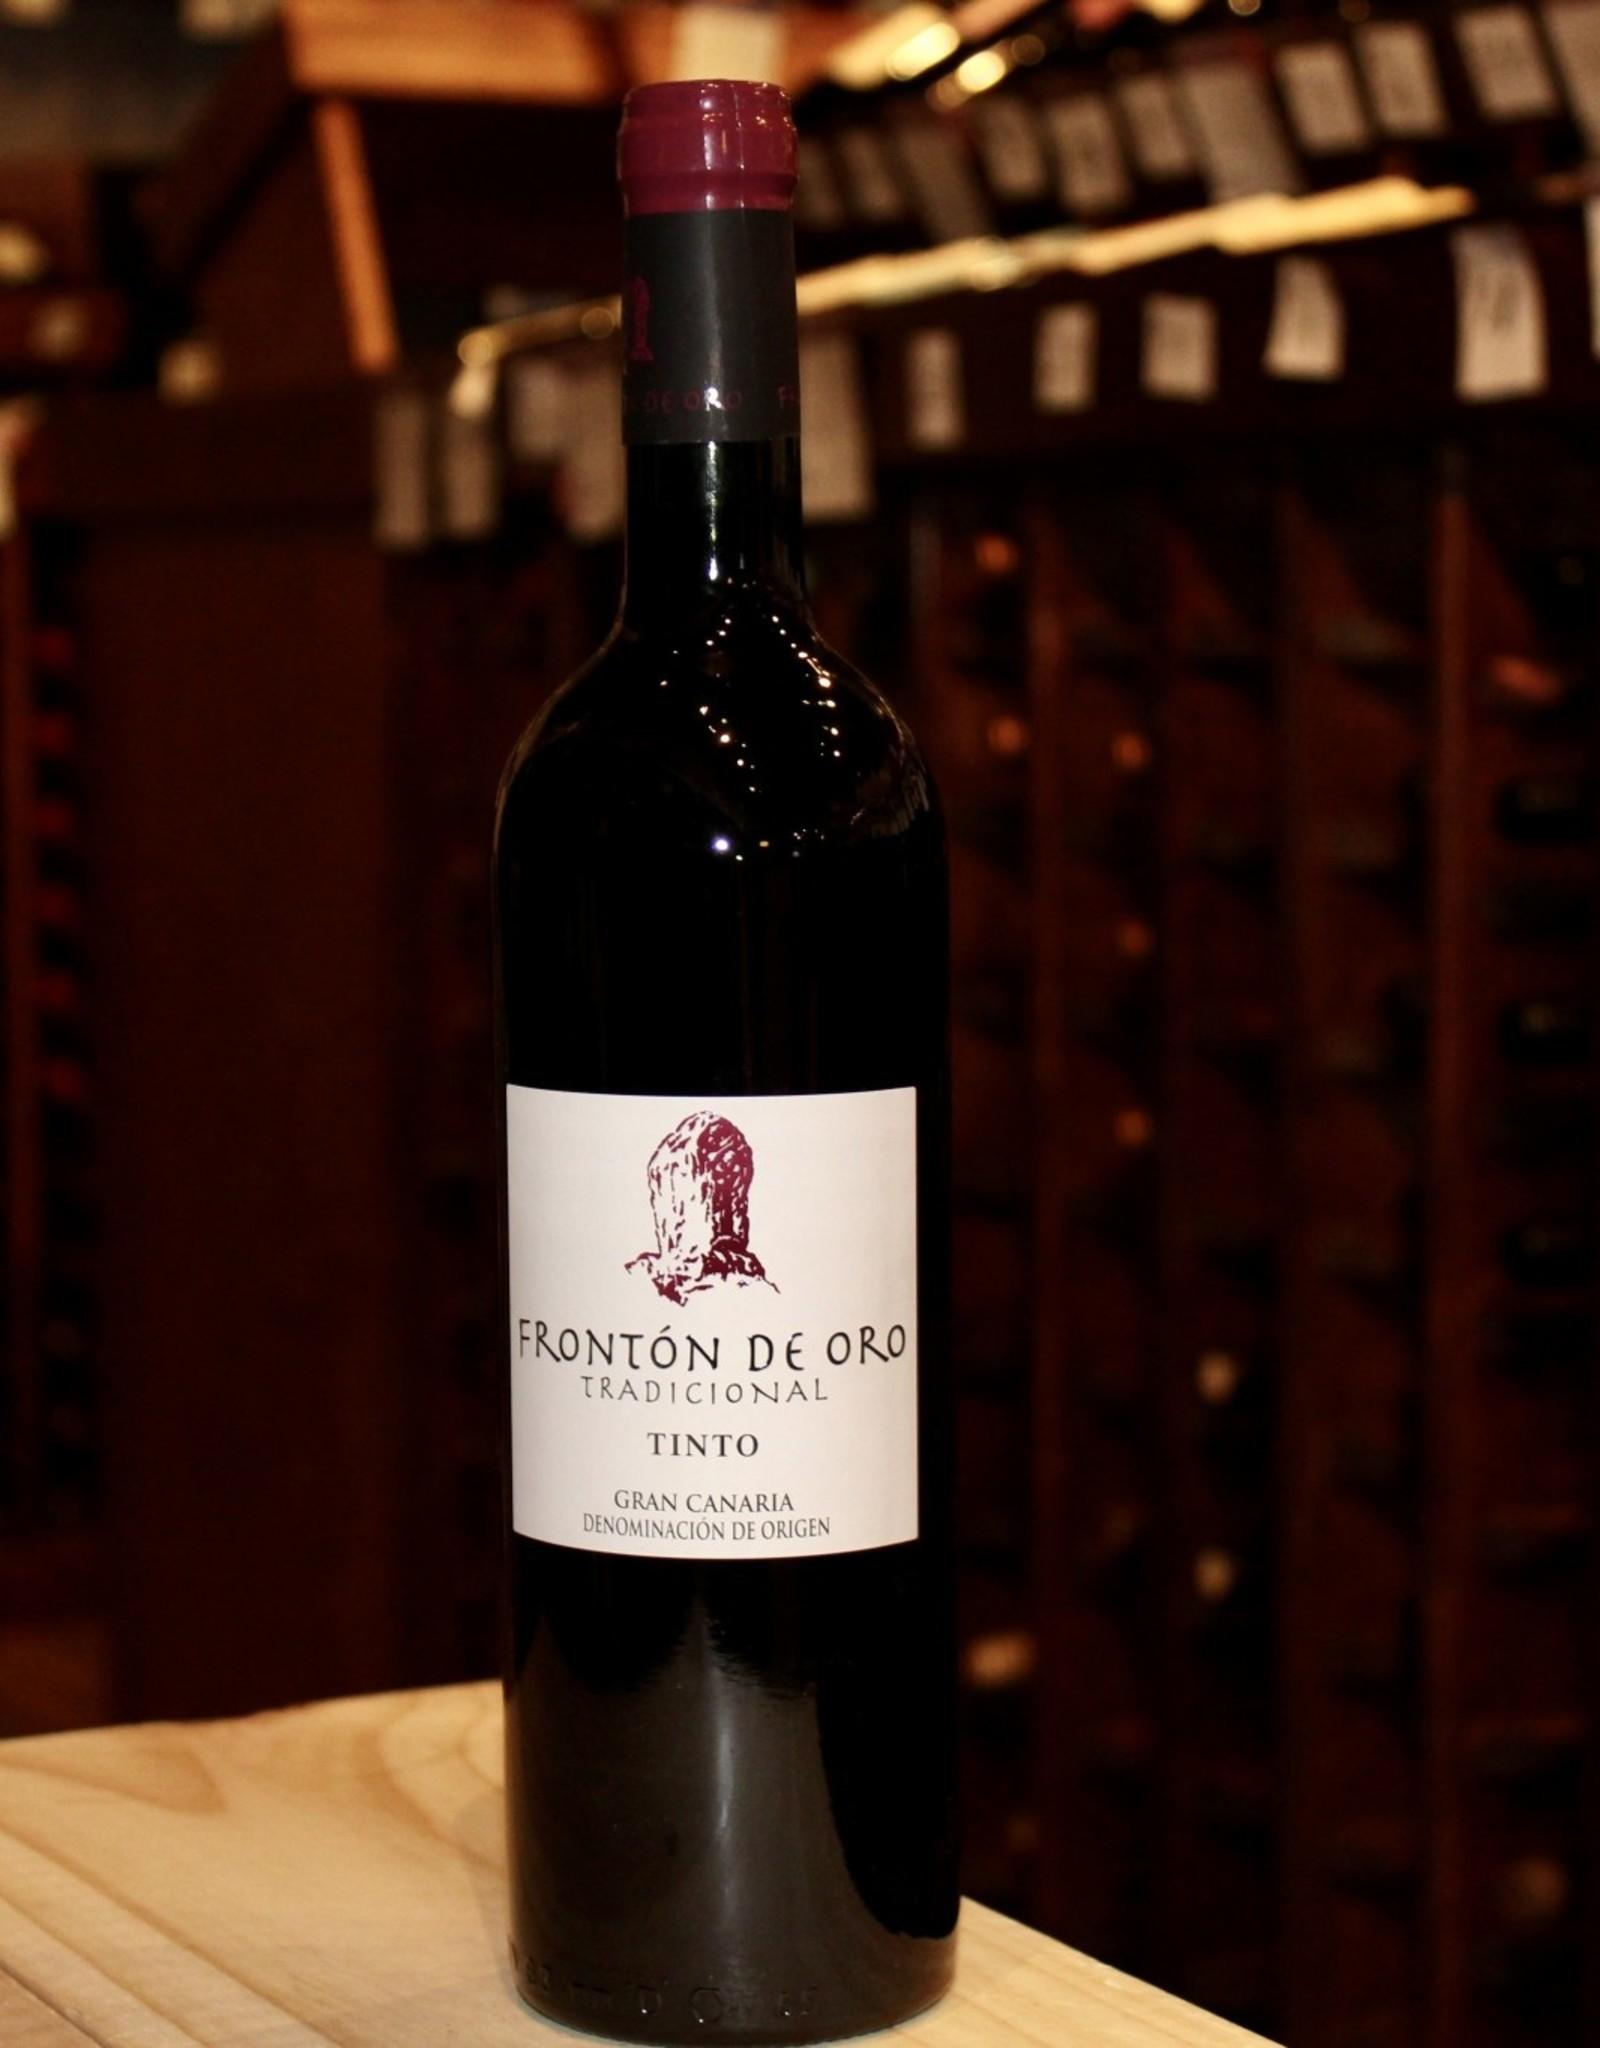 Wine 2018 Fronton de Oro Tinto - Gran Canaria, Canary Islands, Spain